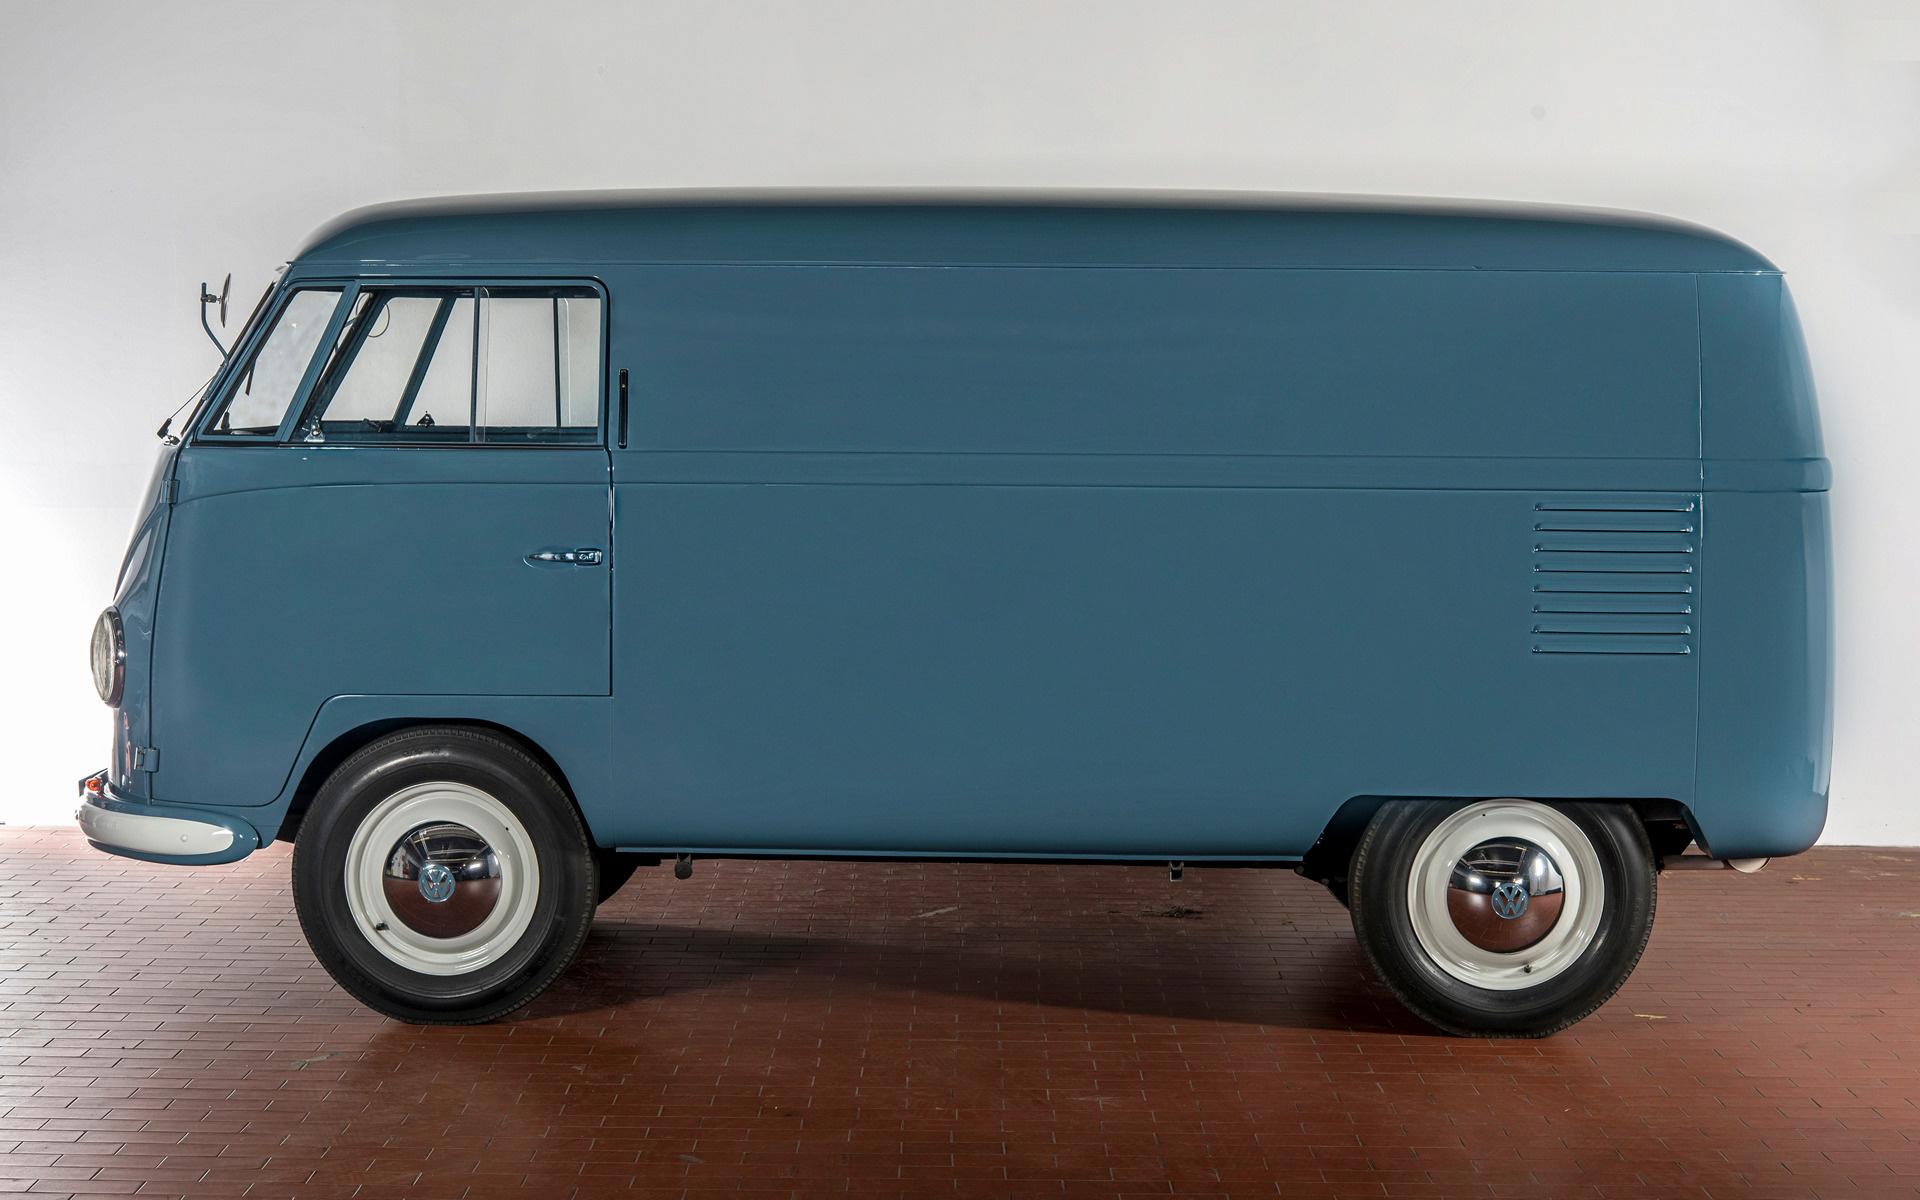 Volkswagen T1 Panel Van (1950) Wallpapers and HD Images ...